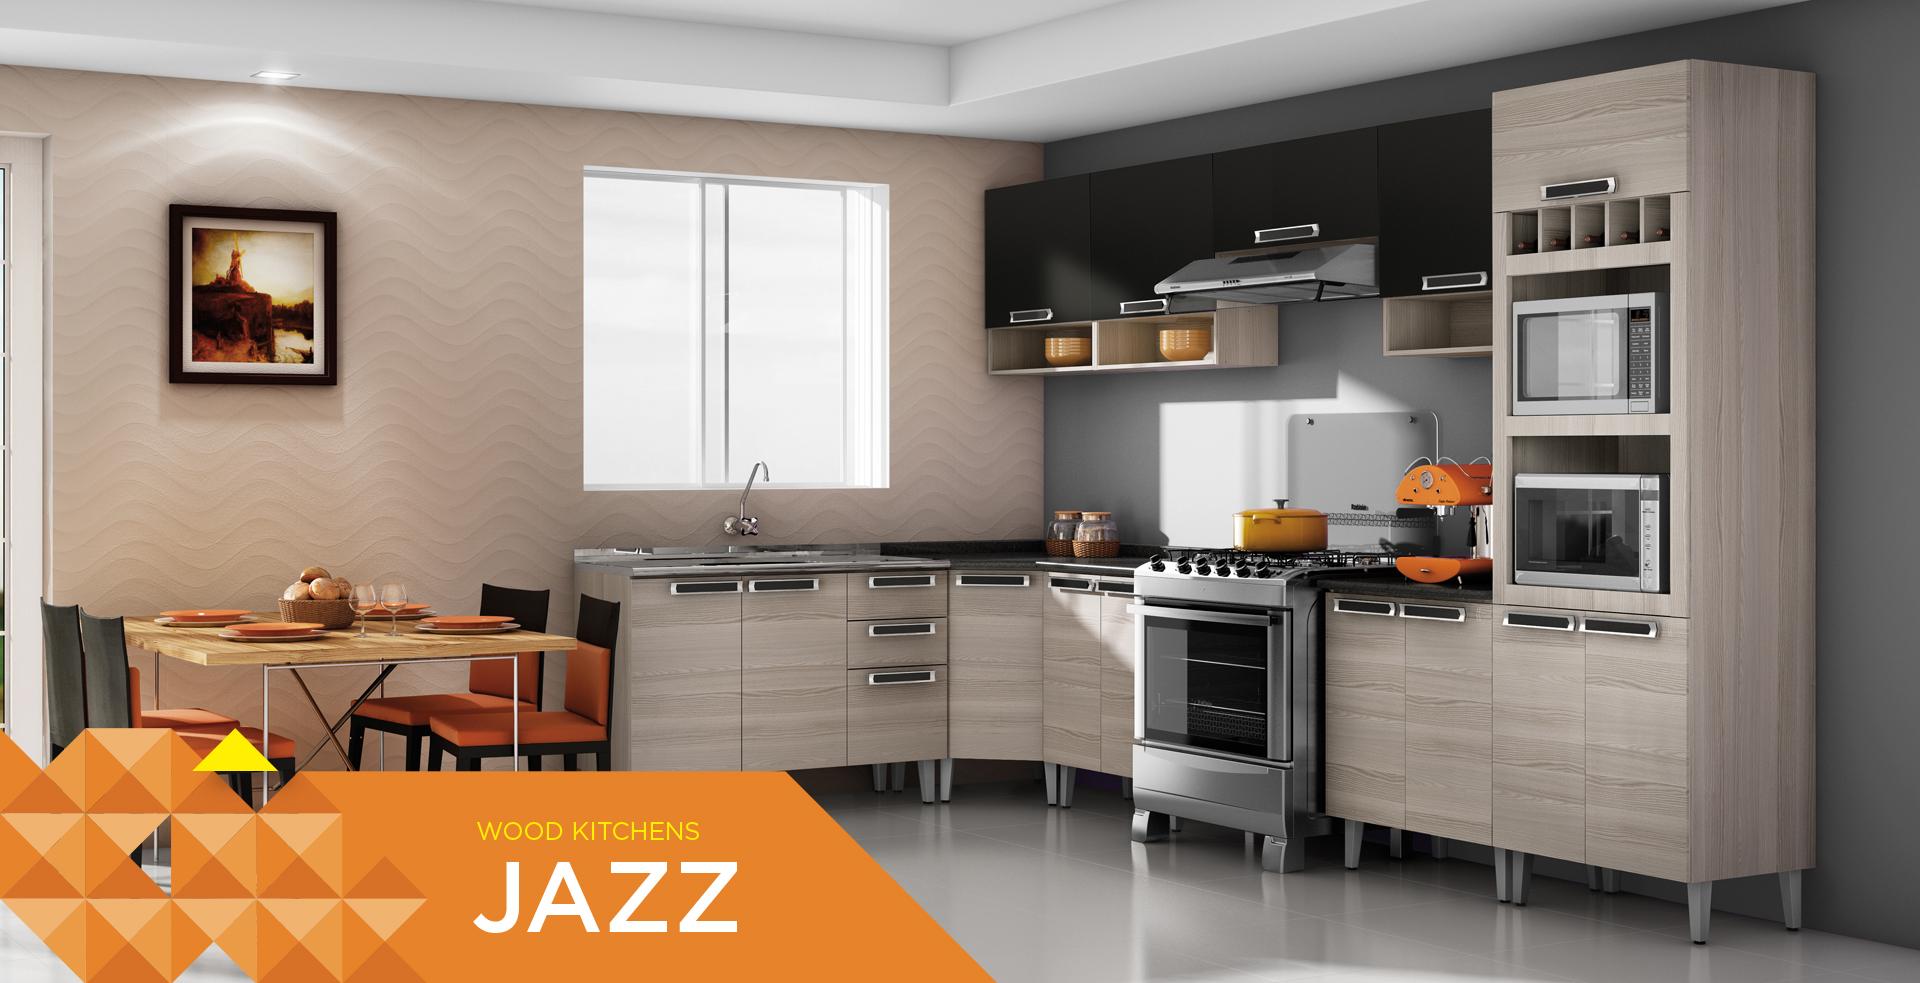 Wooden Kitchens Jazz | Cozinhas Itatiaia